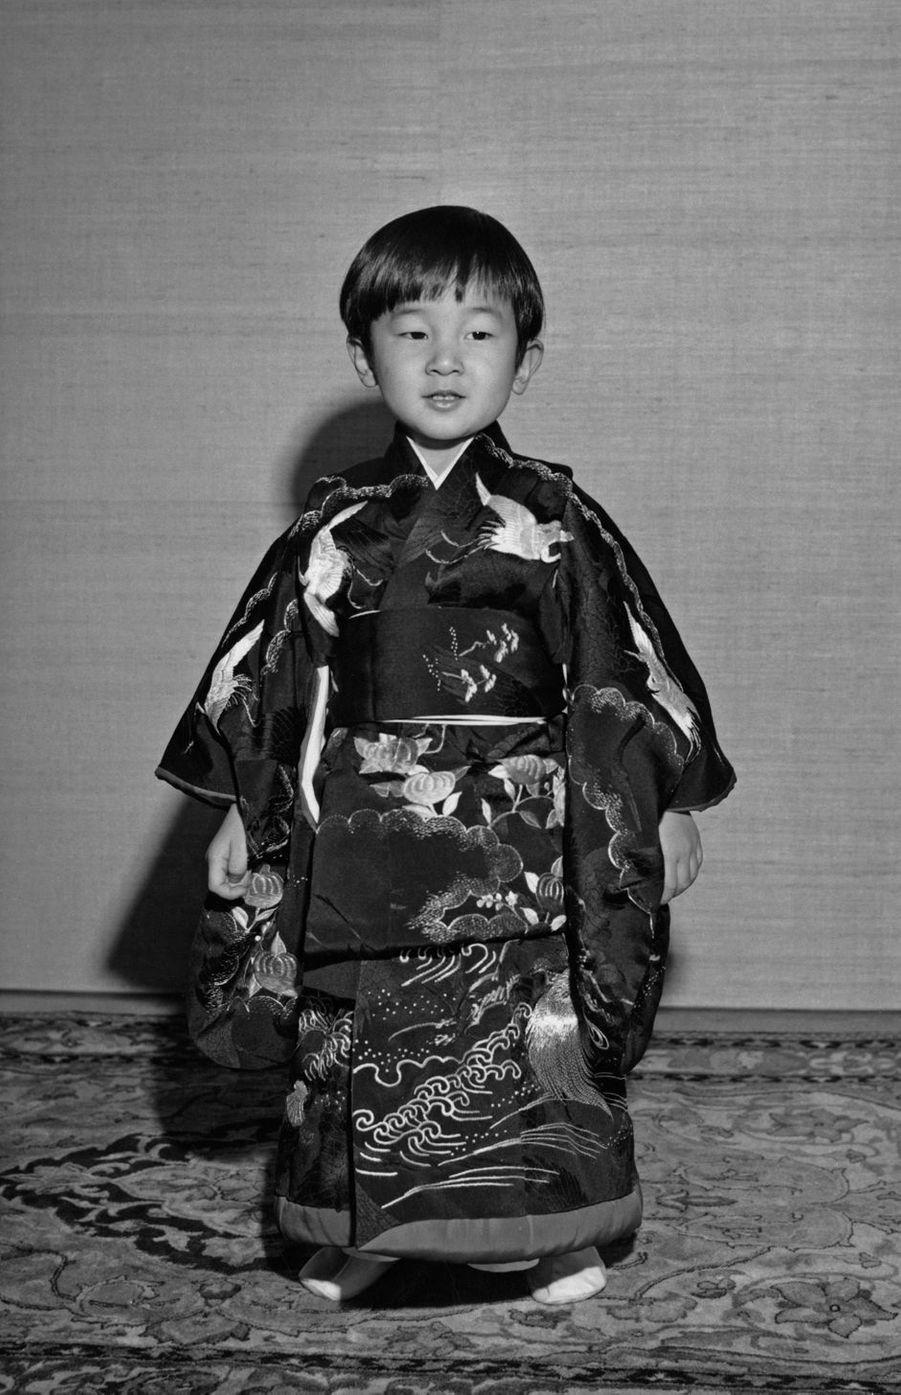 Le prince Naruhito du Japon. Photo diffusée pour ses 3 ans, le 23 février 1963